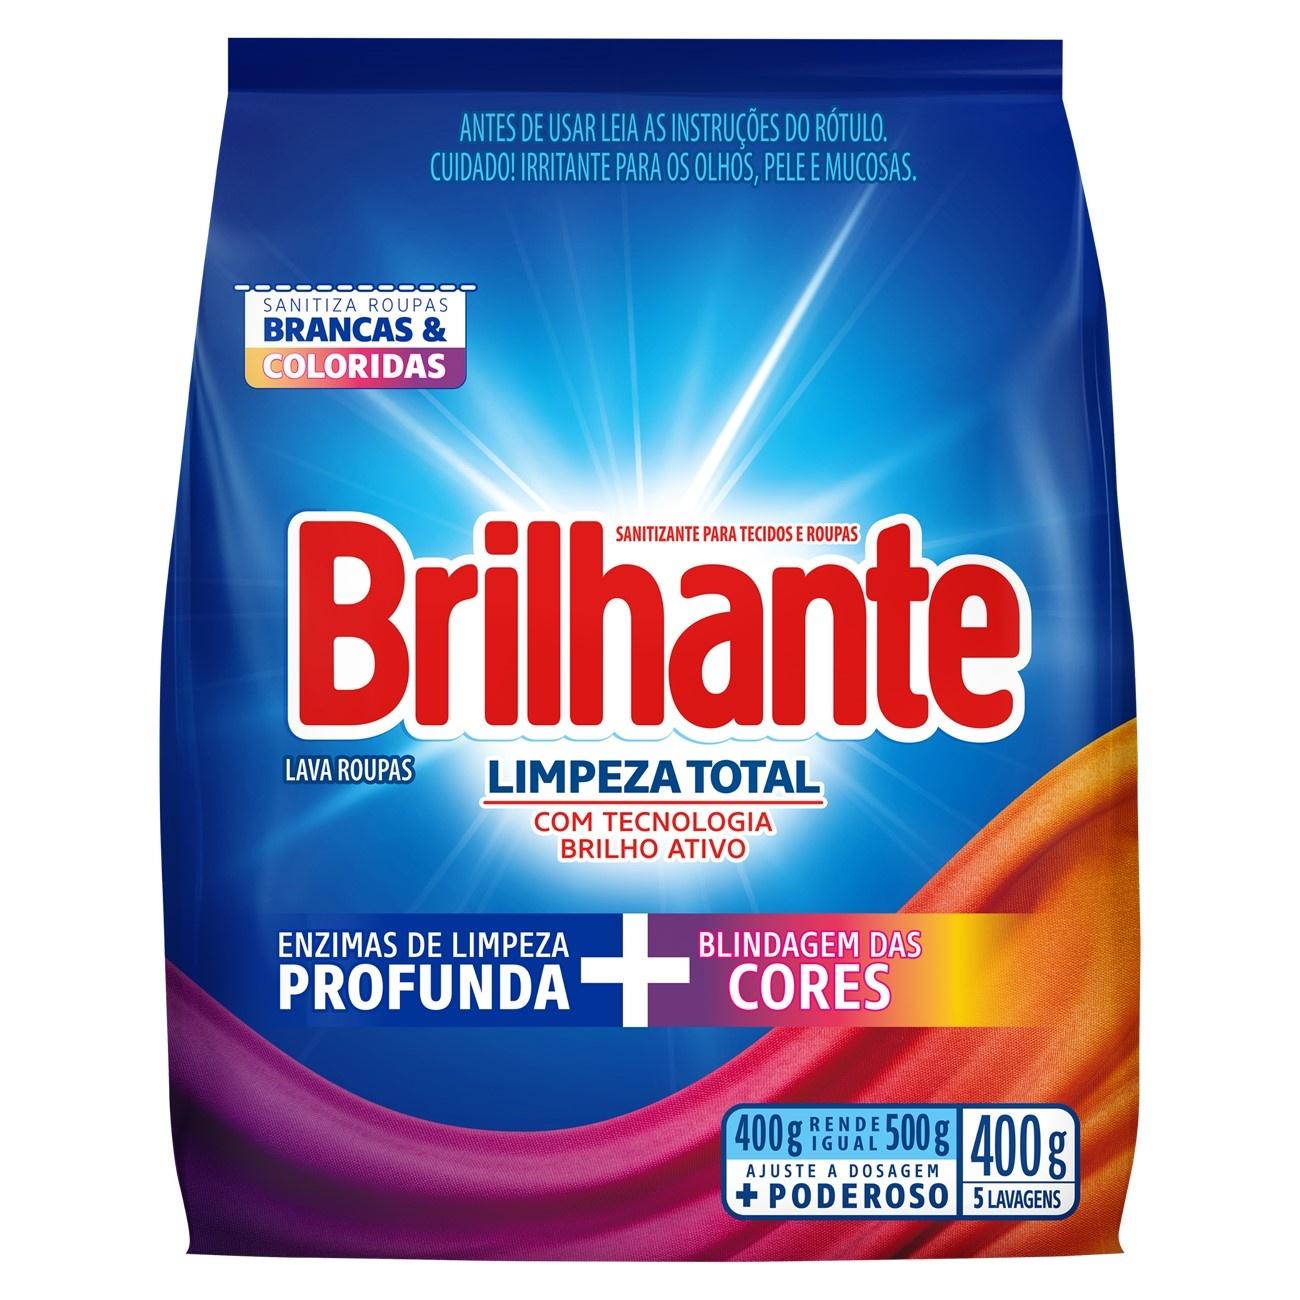 BRILHANTE PO LIMP TOT BRI ATI  BAG400(27